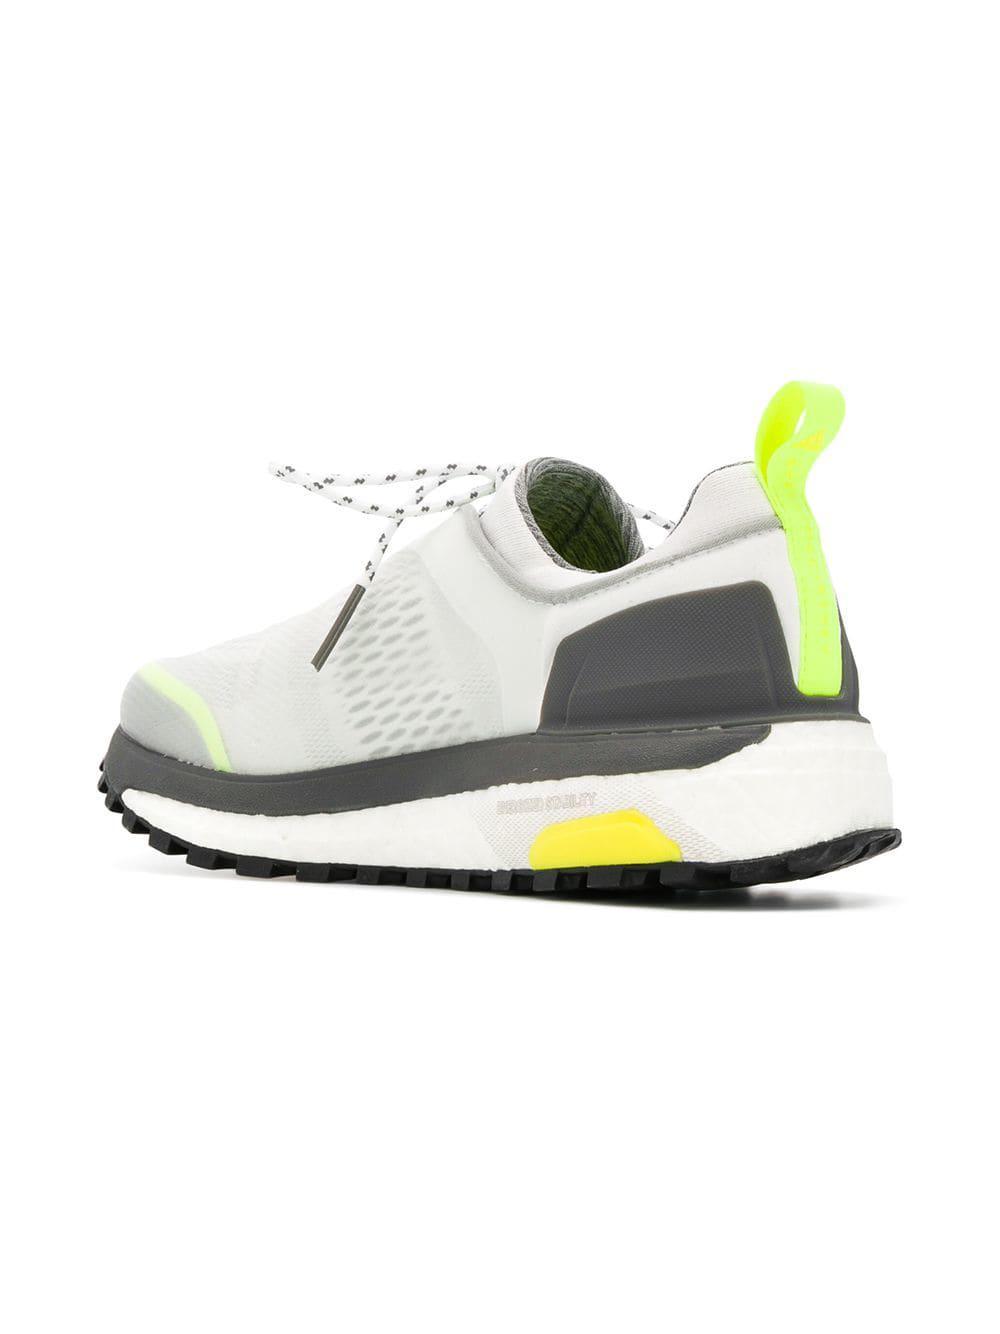 quality design 423f0 aa507 catalyseur adidas adidas adidas par stella mccartney Blanc supernova trail  baskets dans 40a3dd